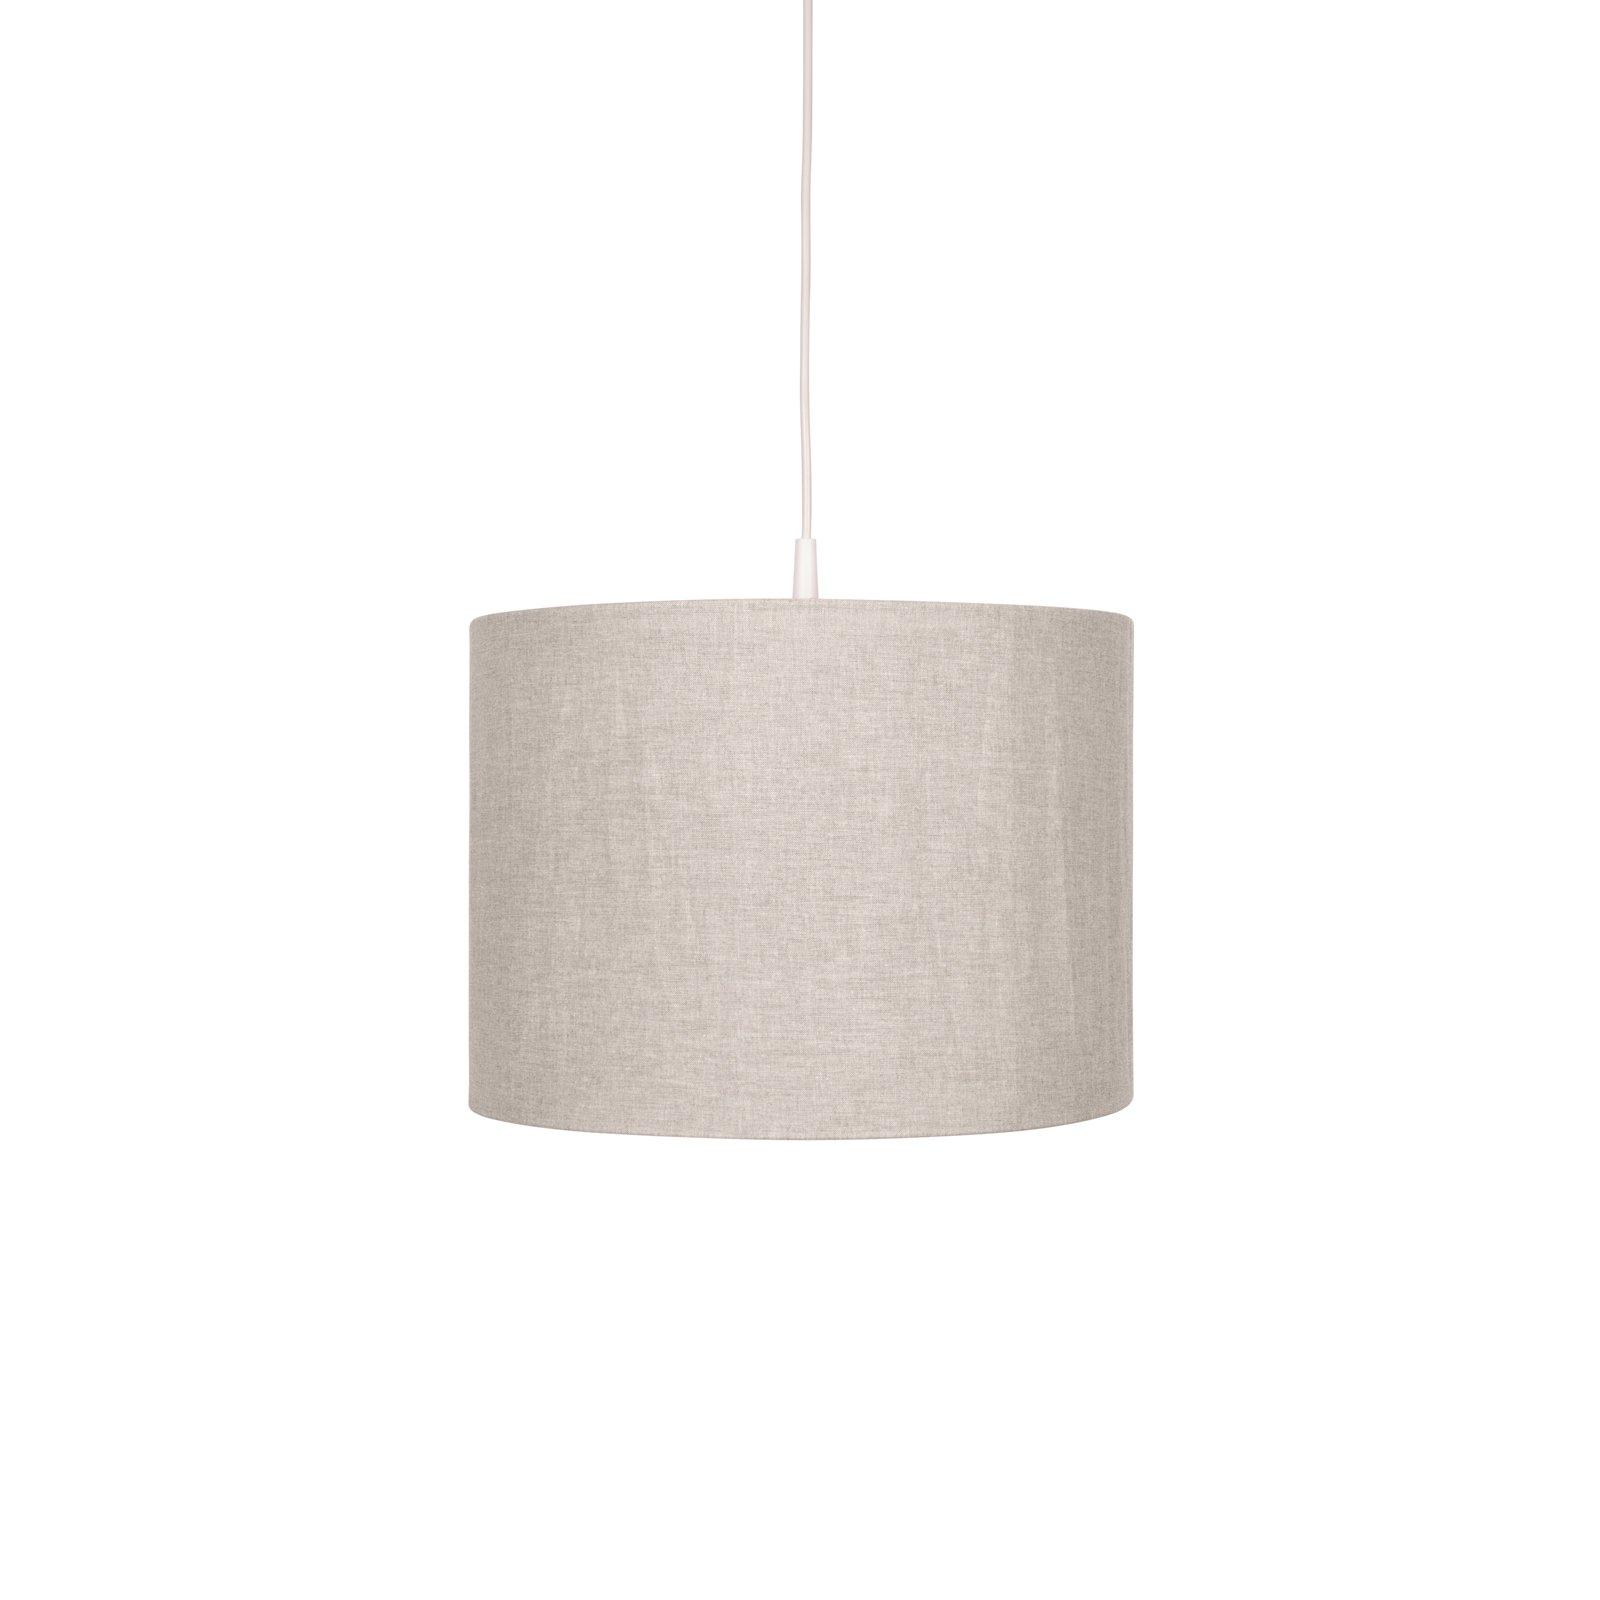 hanglamp Bo zand